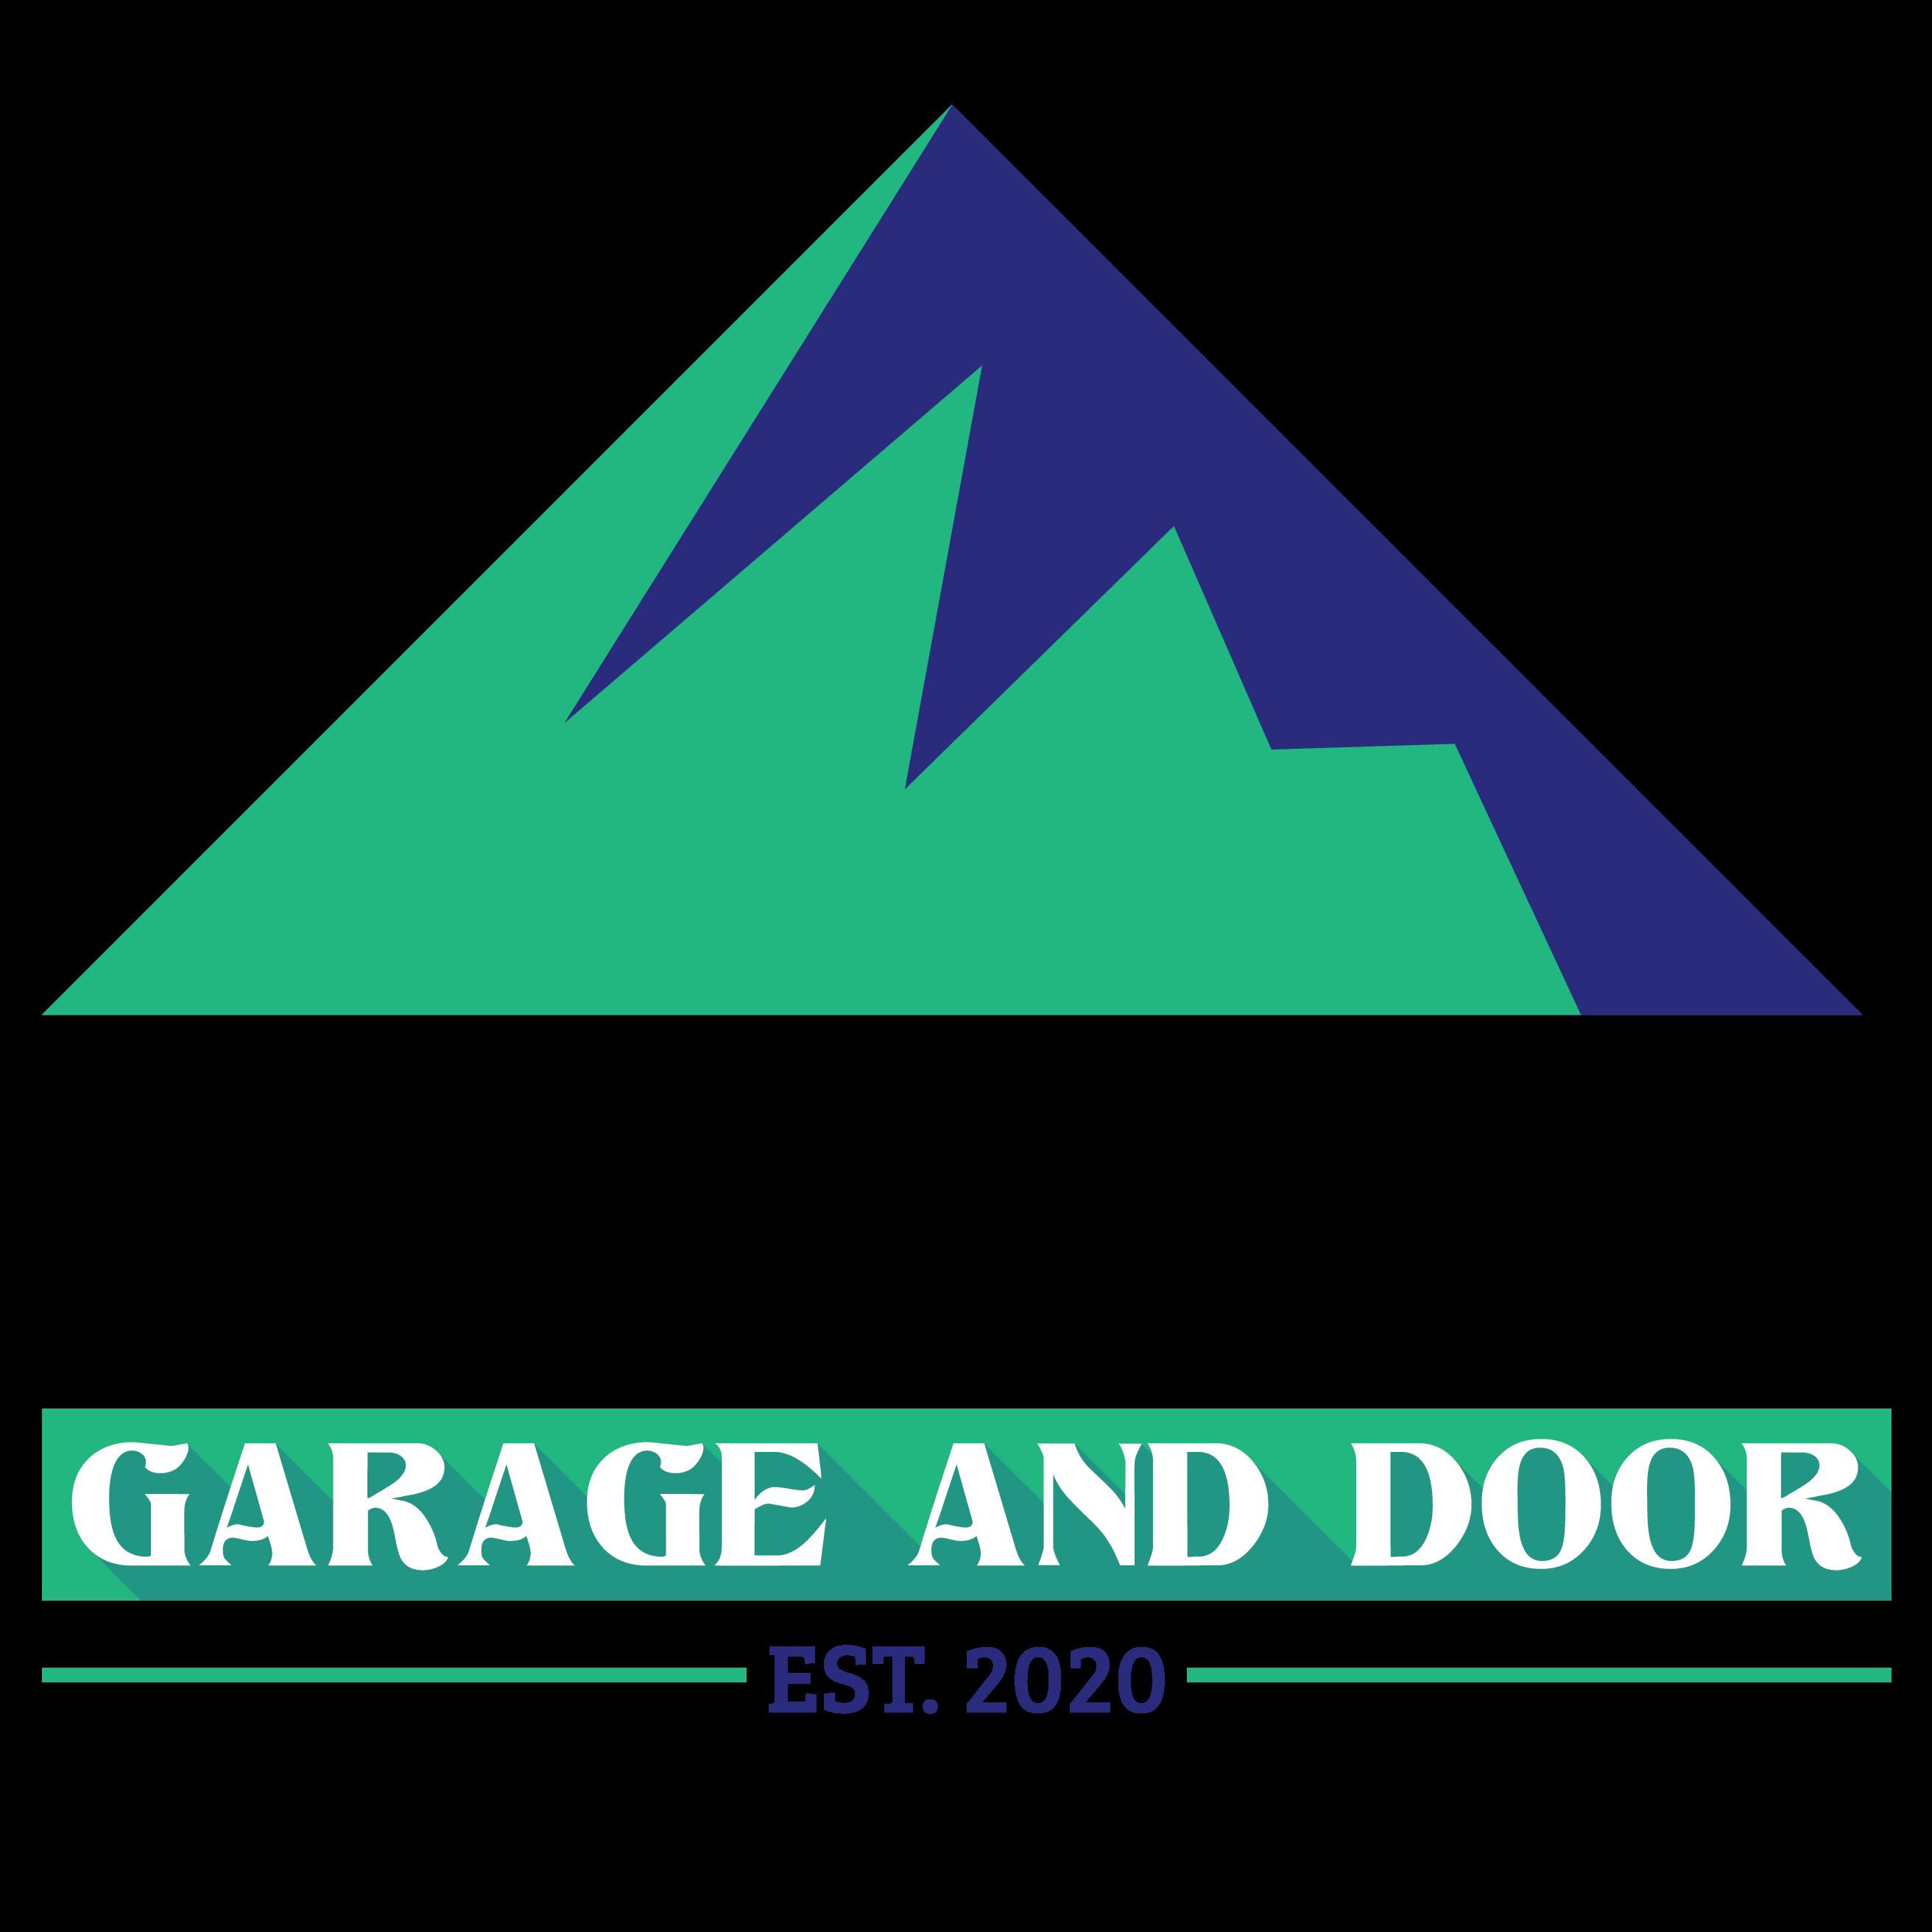 Brewer Garage and Door, LLC